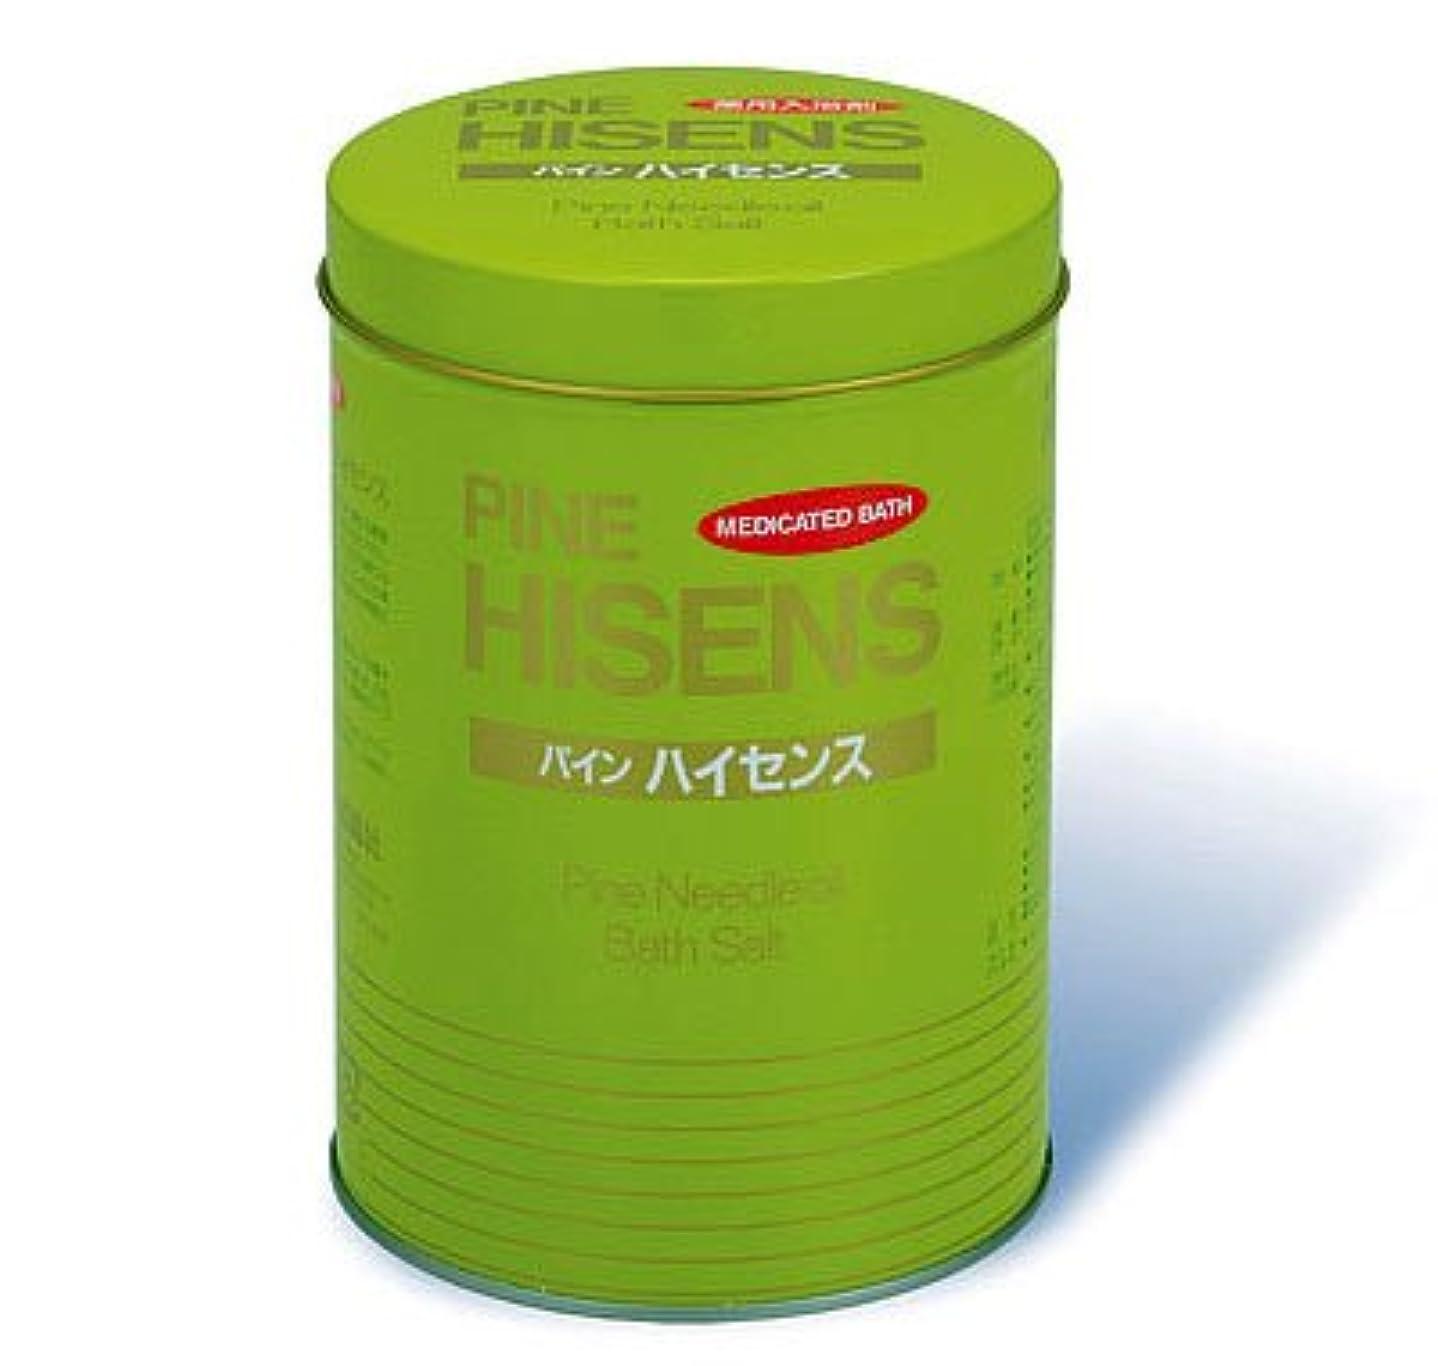 完了取り除くしょっぱい高陽社 薬用入浴剤 パインハイセンス 2.1kg 1缶